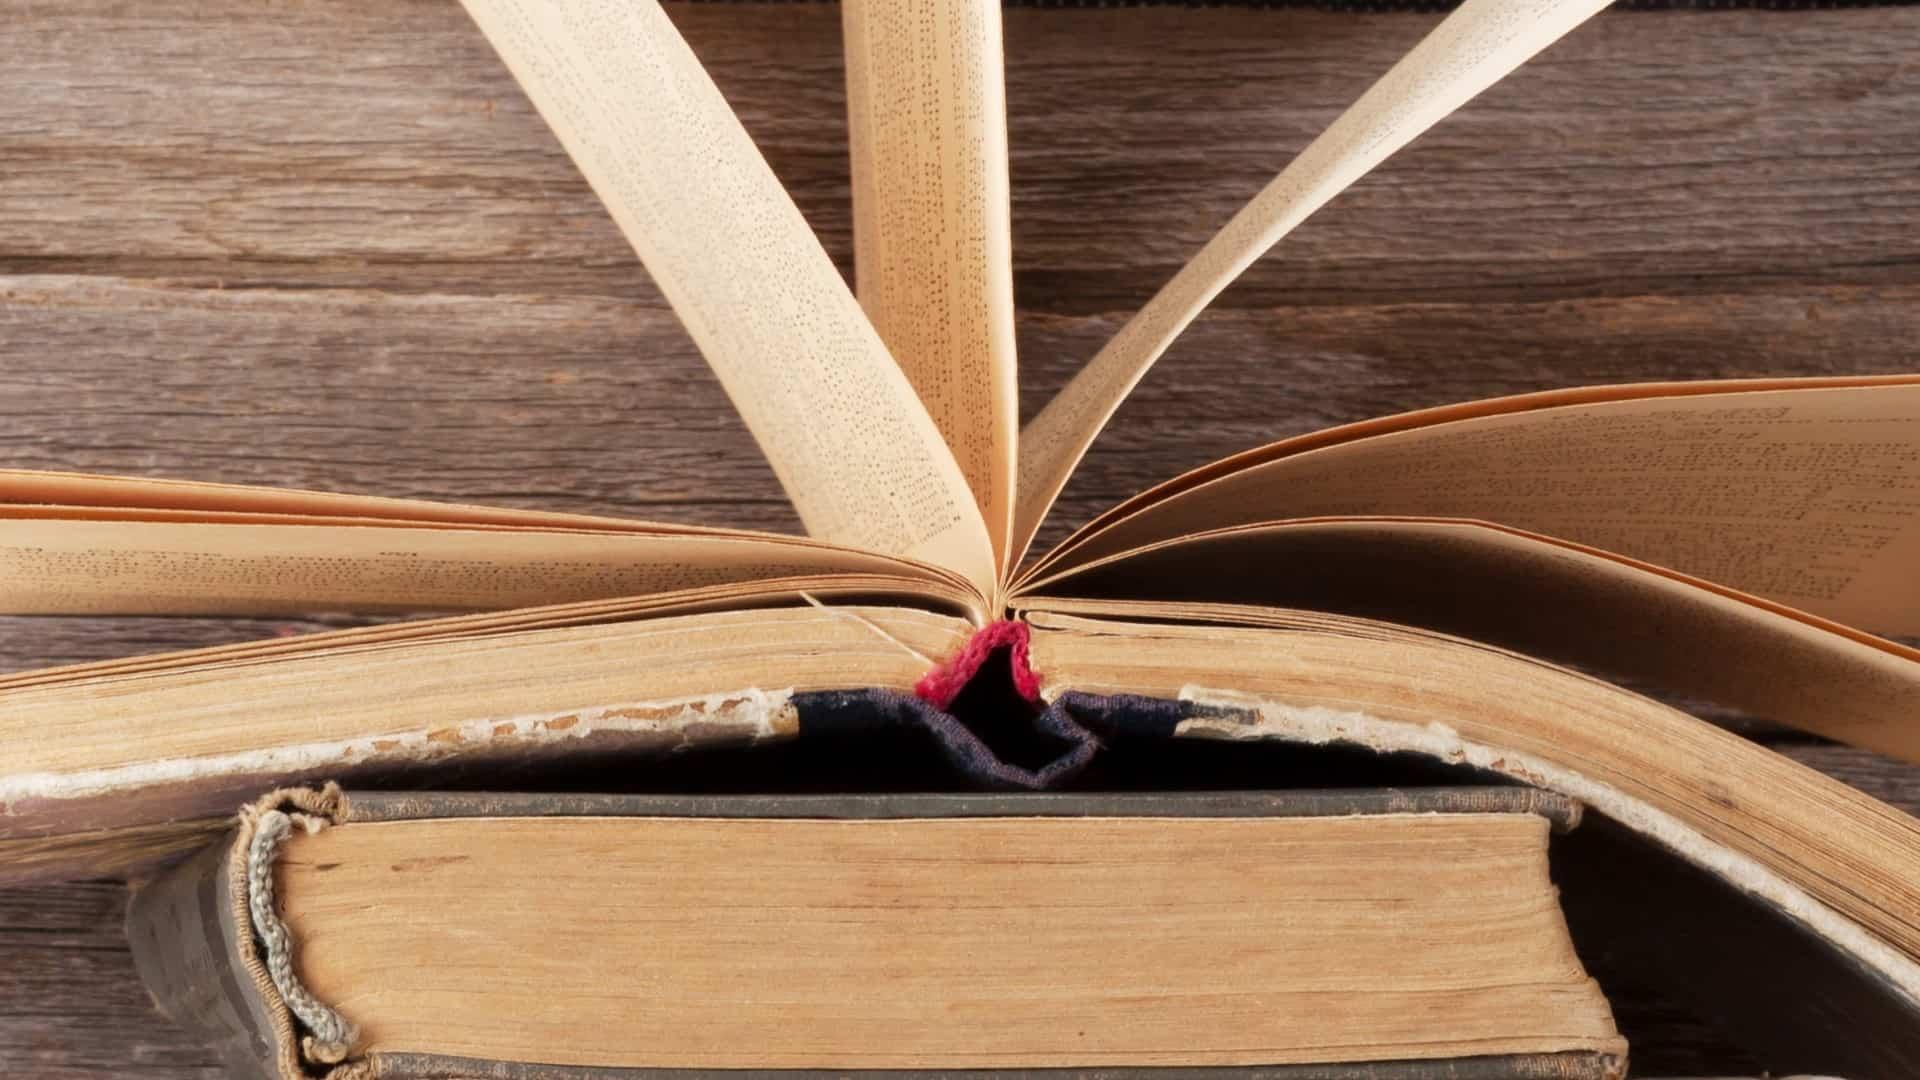 Migliori libri best seller 2020: Guida all'acquisto